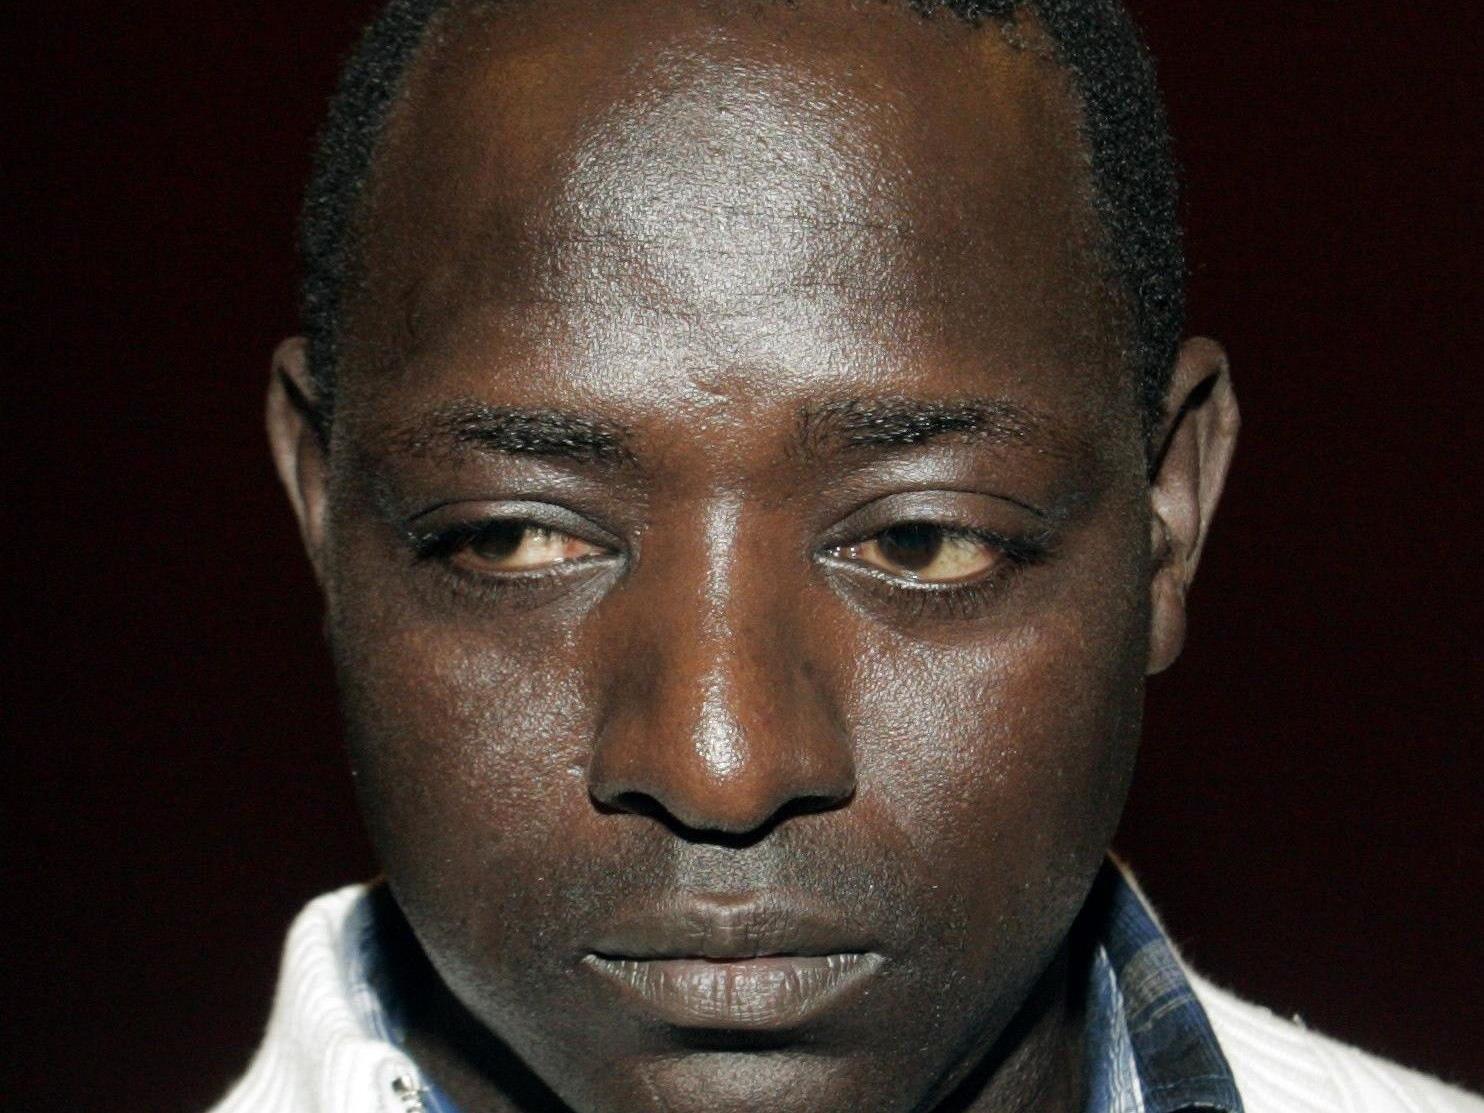 Bakary J. wurde 2006 Opfer von Polizeigewalt - heute folgte die Entschuldigung des Innenministeriums.